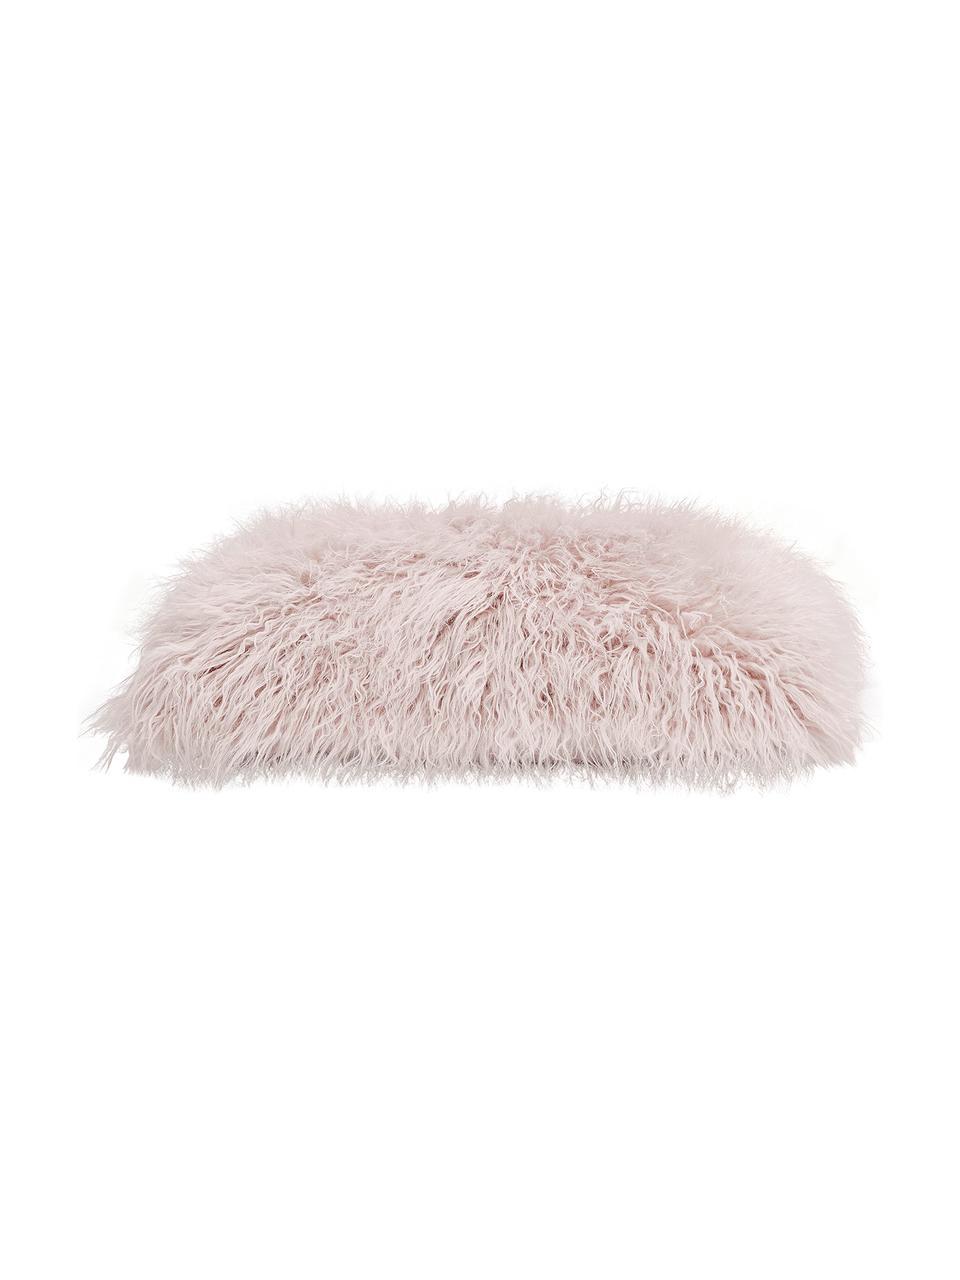 Federa arredo in ecopelliccia rosa Morten, Retro: 100% poliestere, Rosa, Larg. 30 x Lung. 50 cm